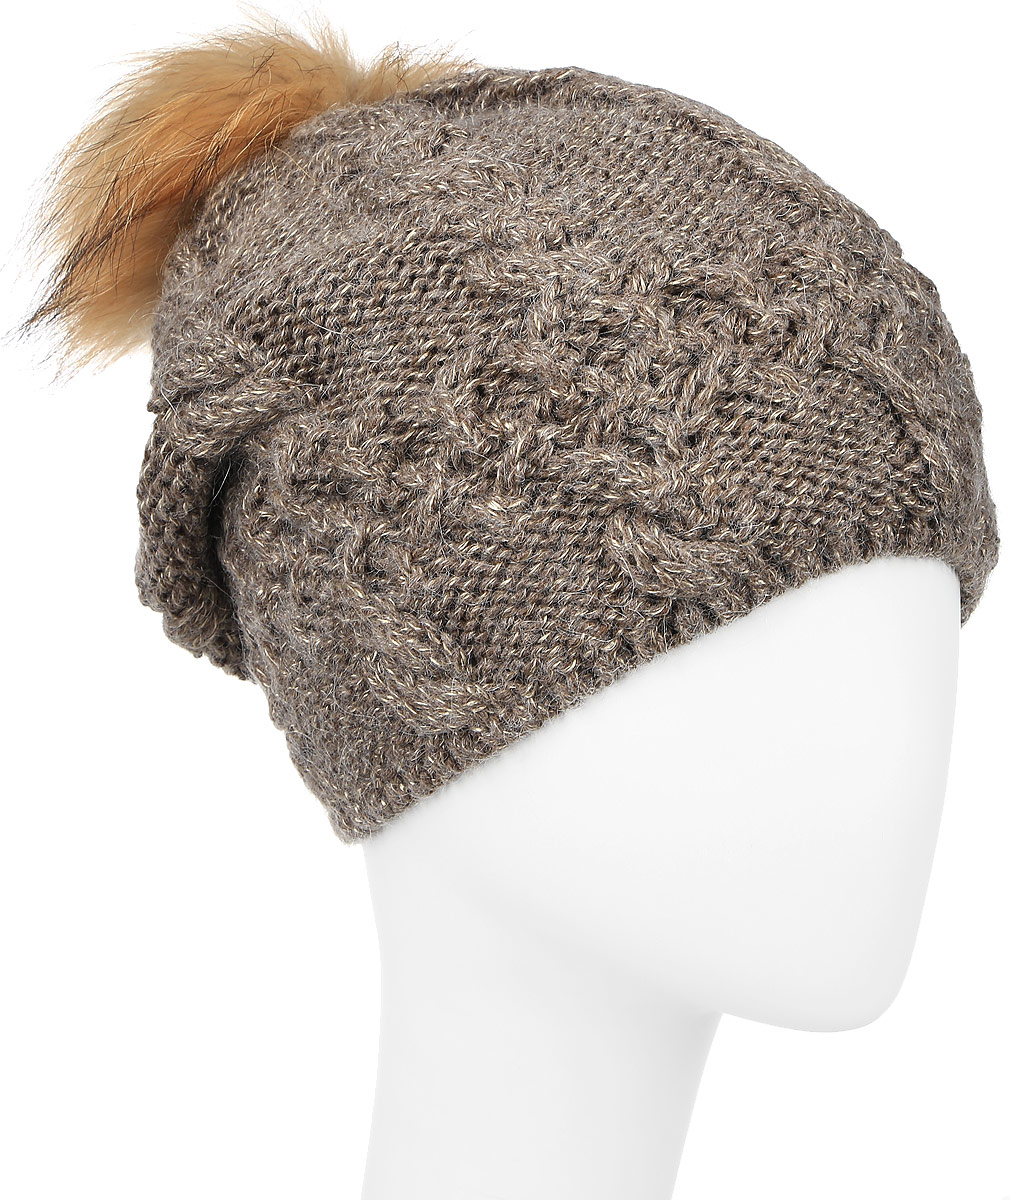 Шапка женская Baon, цвет: коричневый. B346510. Размер универсальныйB346510_CARIBOUСтильная женская шапка Baon, изготовленная из мягкой пряжи смешанного состава, она обладает хорошими дышащими свойствами и хорошо удерживает тепло. На макушке изделие дополнено помпоном из натурального меха. Практичная форма шапки делает ее очень комфортной, а маленькая аккуратная металлическая пластина с названием бренда подчеркивает ее оригинальность.